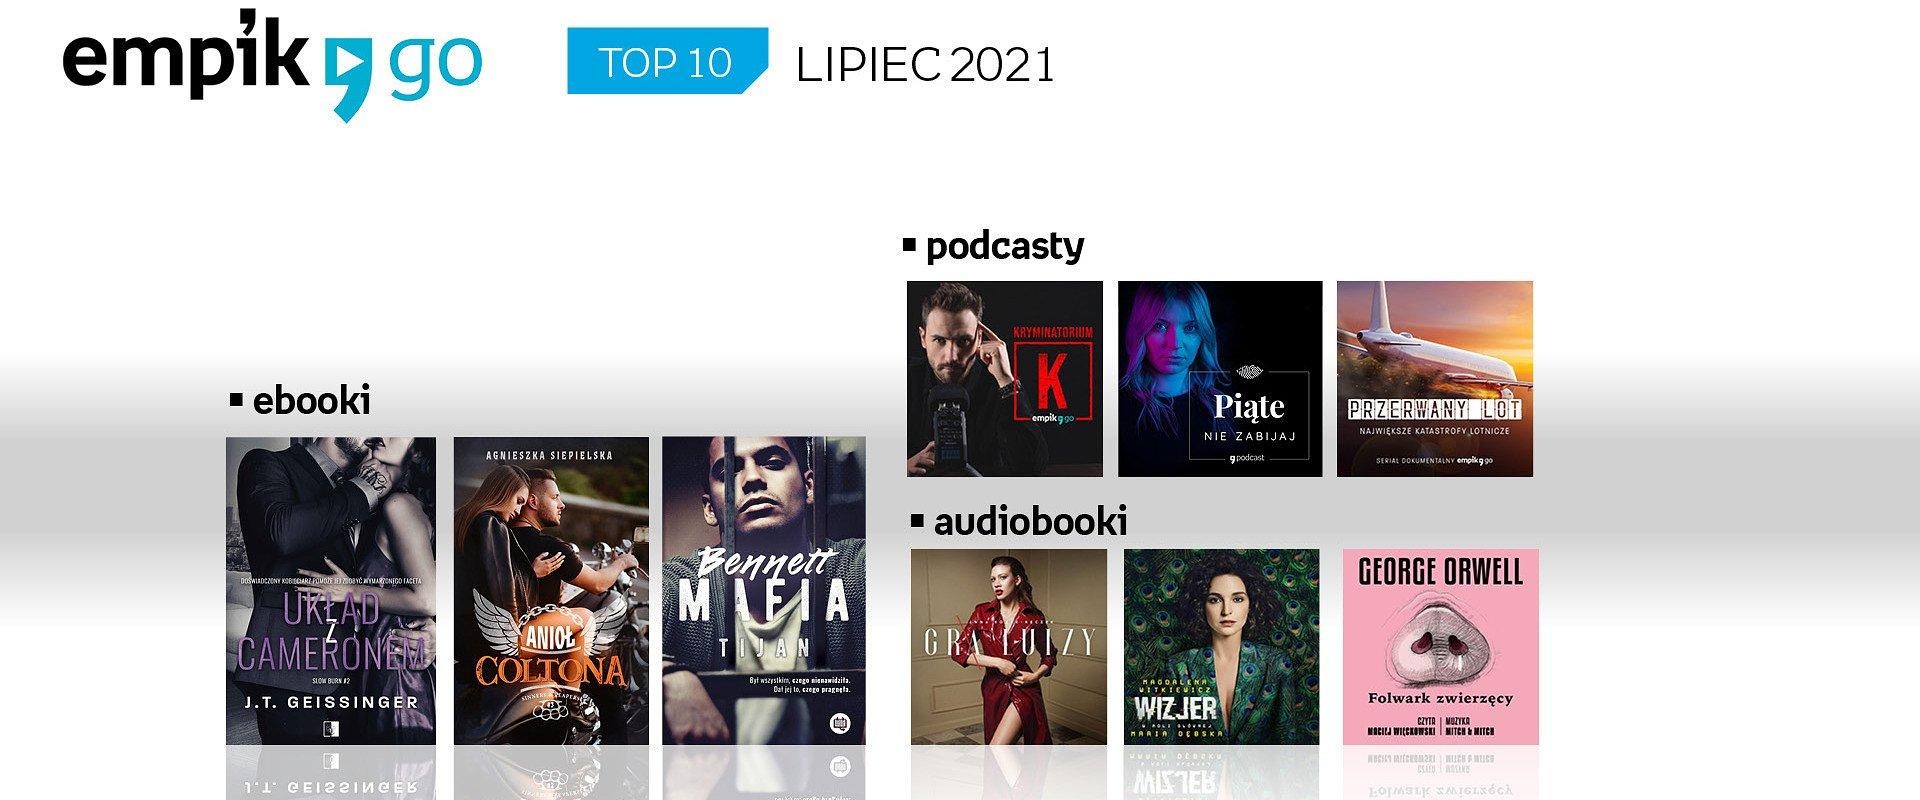 Lista TOP 10 audiobooków, e-booków i podcastów w aplikacji Empik Go w lipcu